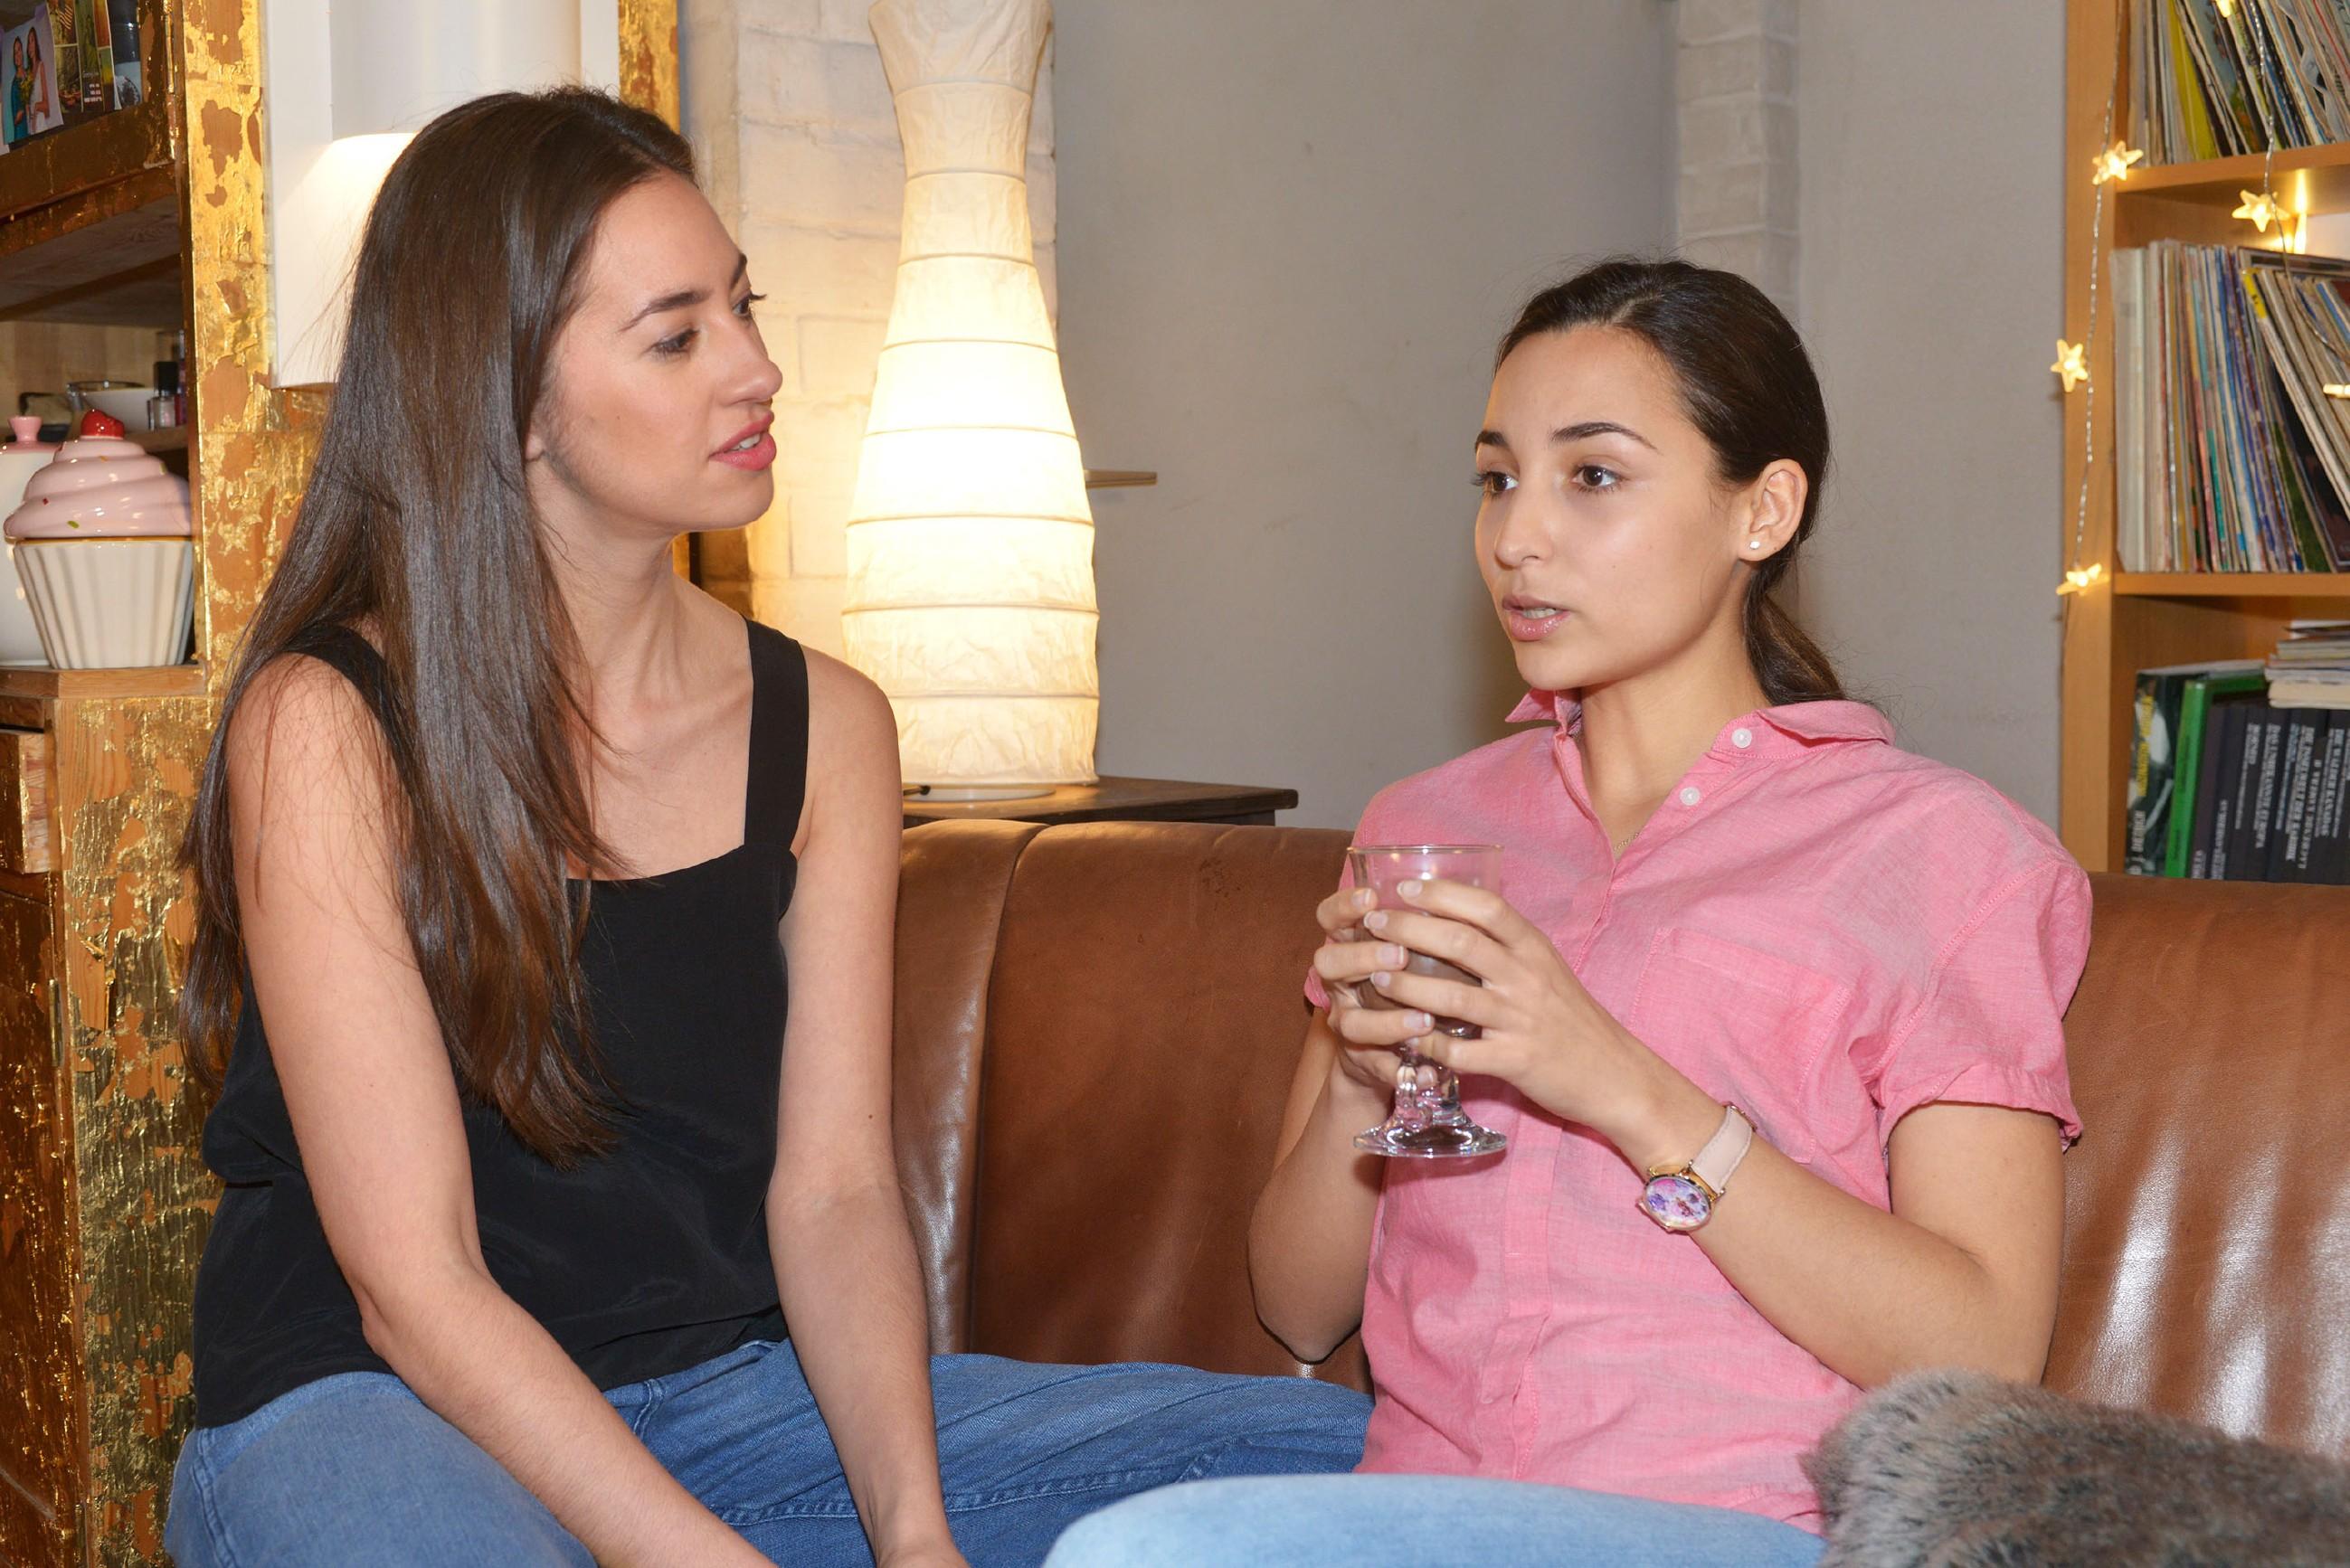 """Selma (Rona Özkan, r.) vertraut Elena (Elena Garcia Gerlach) an, dass sie sicher ist, dass Jonas der Richtige für ihr """"erstes Mal"""" ist. (Quelle: RTL / Rolf Baumgartner)"""